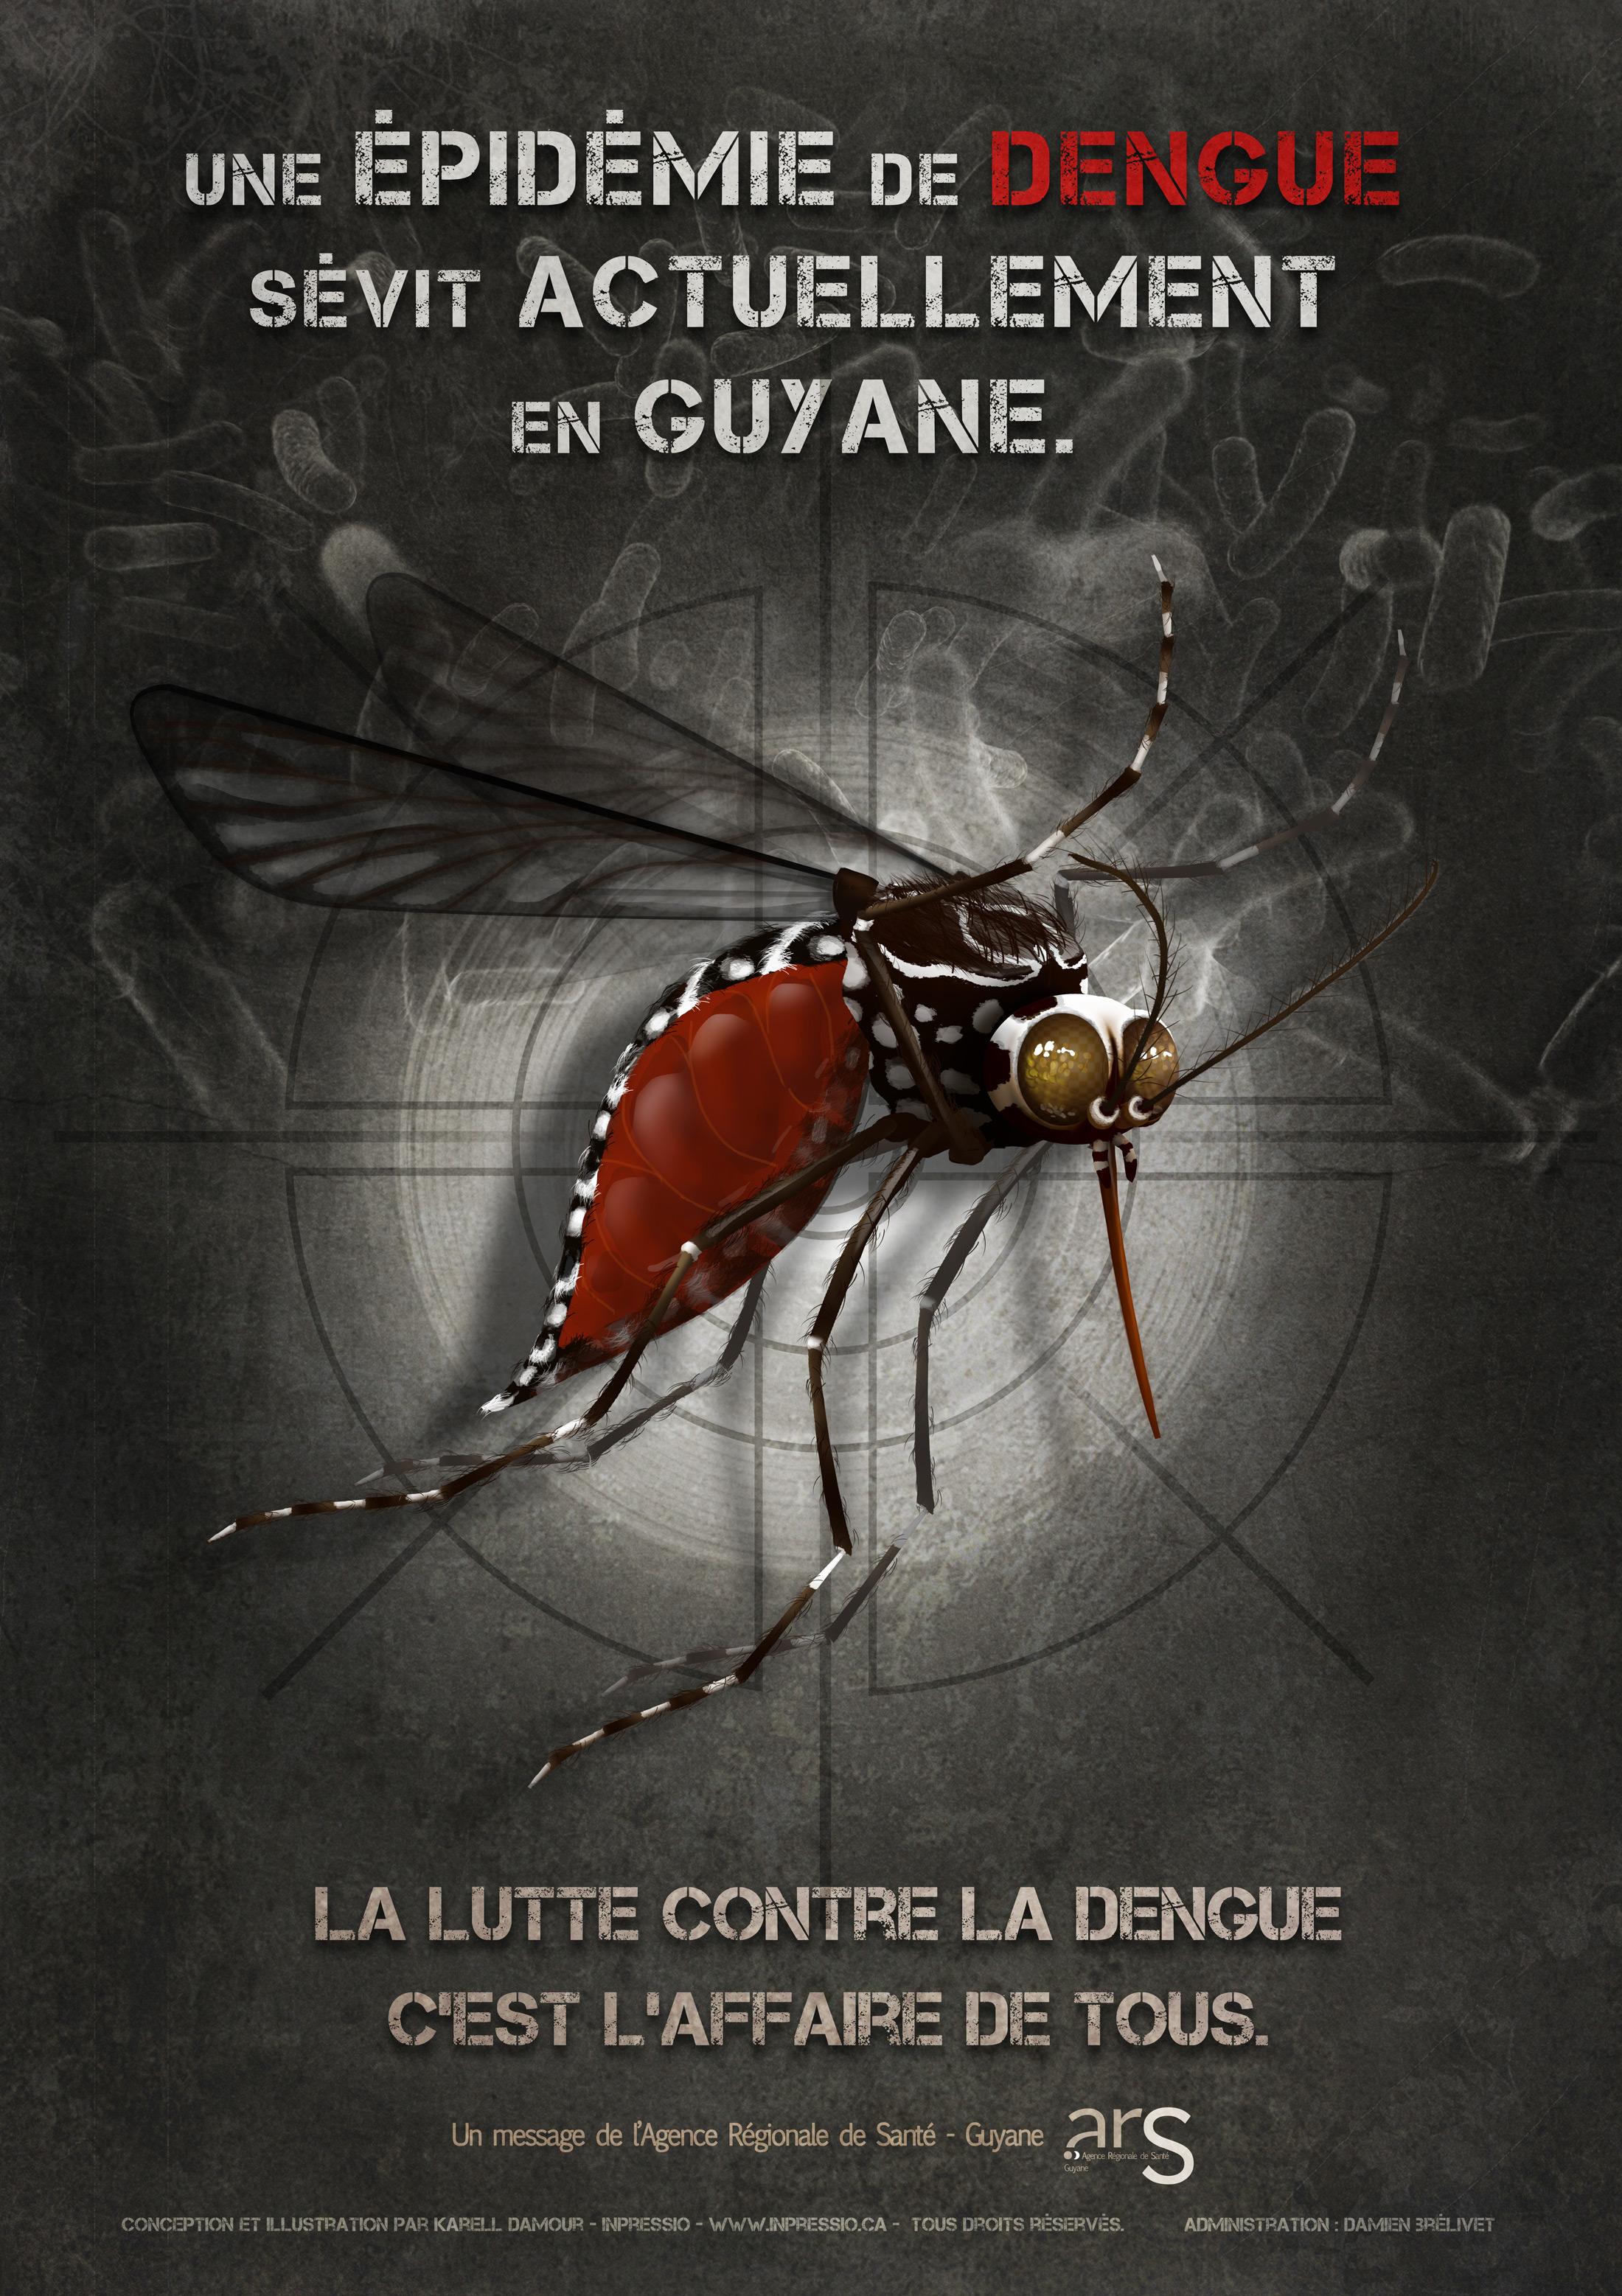 Affiche de prévention contre la Dengue